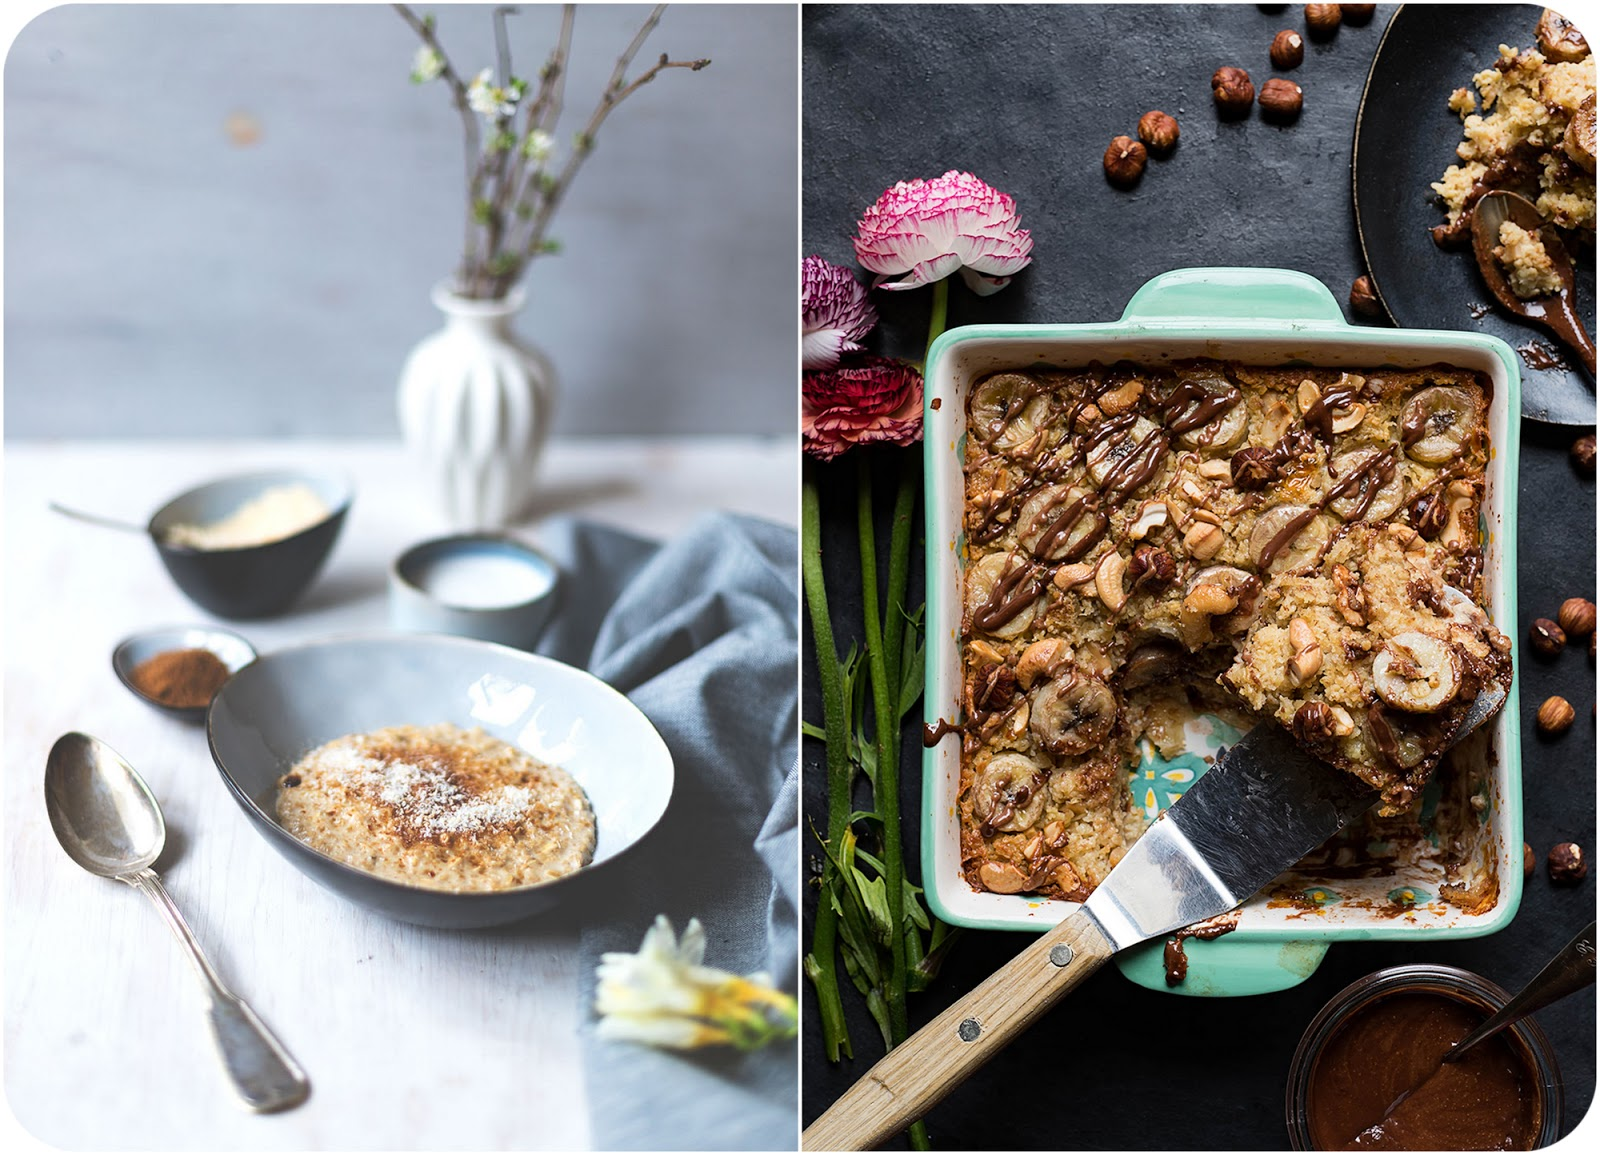 links: Kokos-Porridge auf www.moeyskitchen.com; rechts: Frühstücksauflauf mit Banane und Nougat auf s-kueche.com